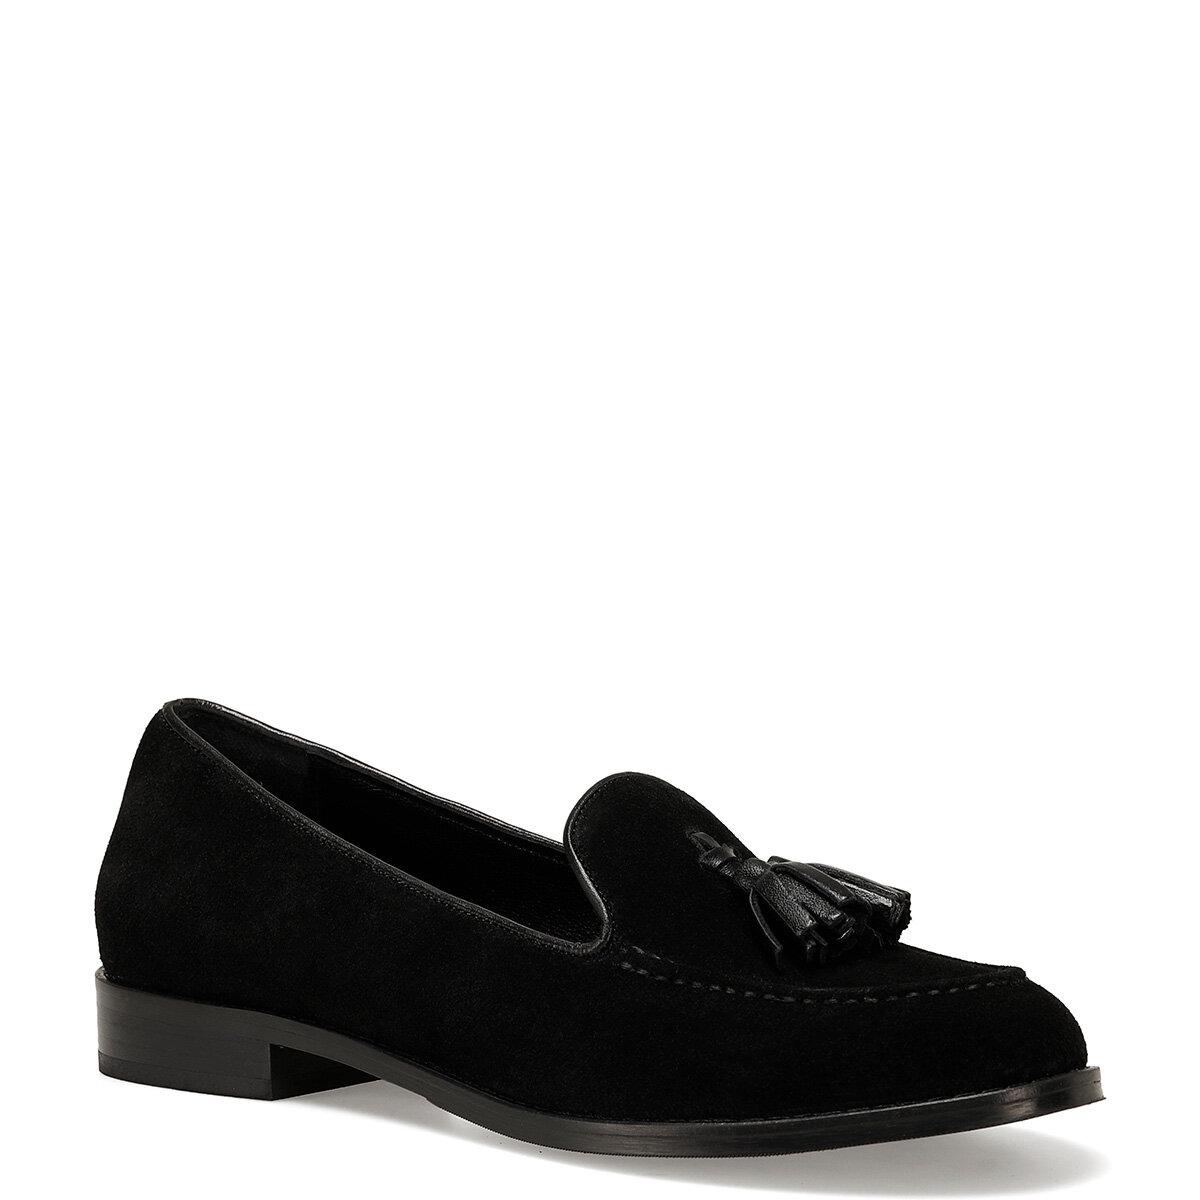 JACOB Siyah Kadın Loafer Ayakkabı